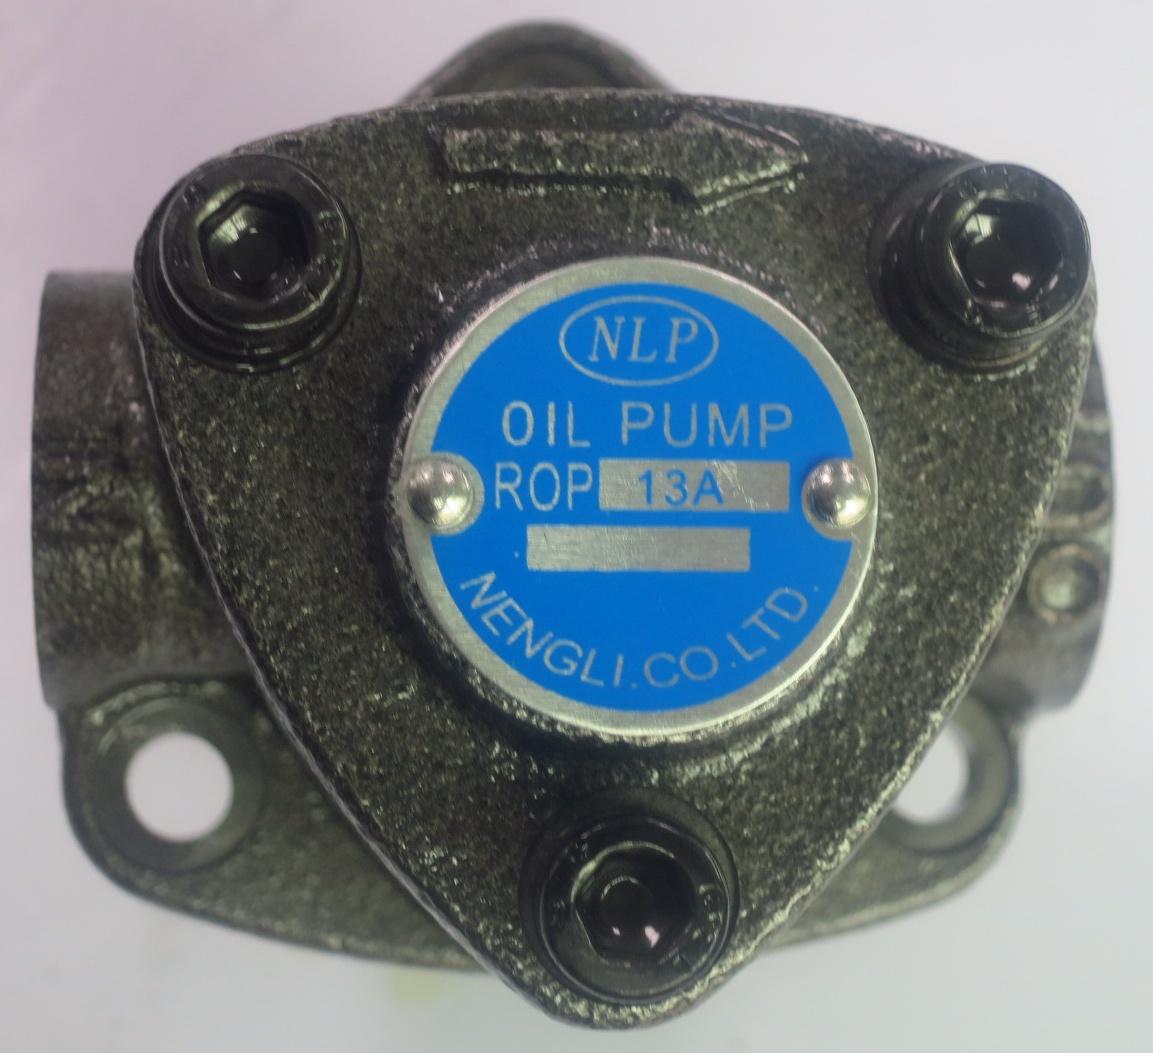 图片小泵处理过-油泵ROP13A-IMG_0014_看图王